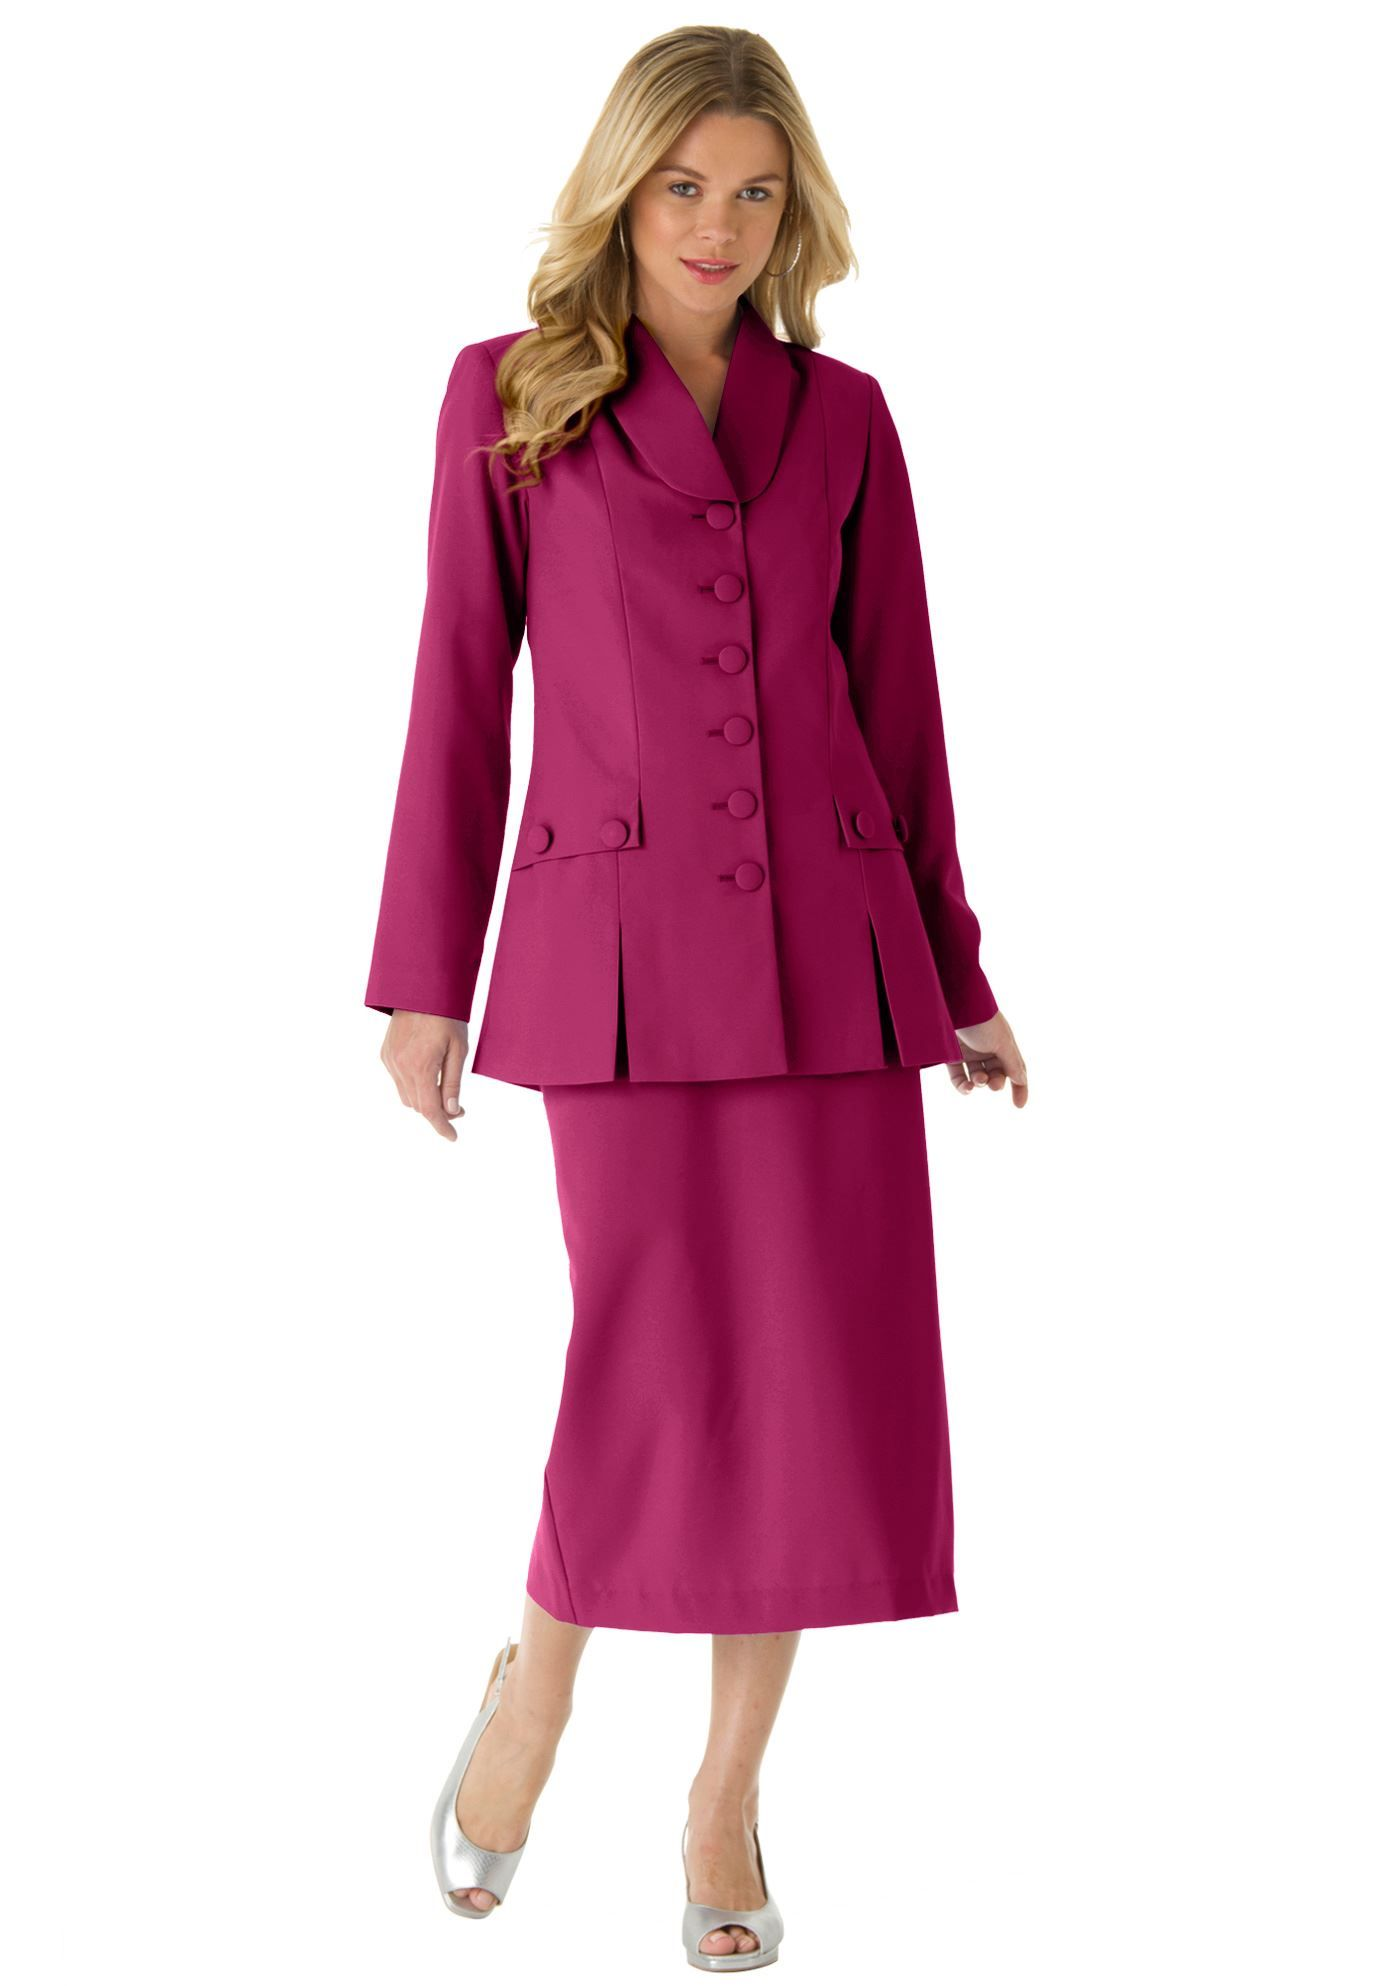 4341c3b366b2a Roaman s® 10-Button Skirt Suit Plus Size Suits